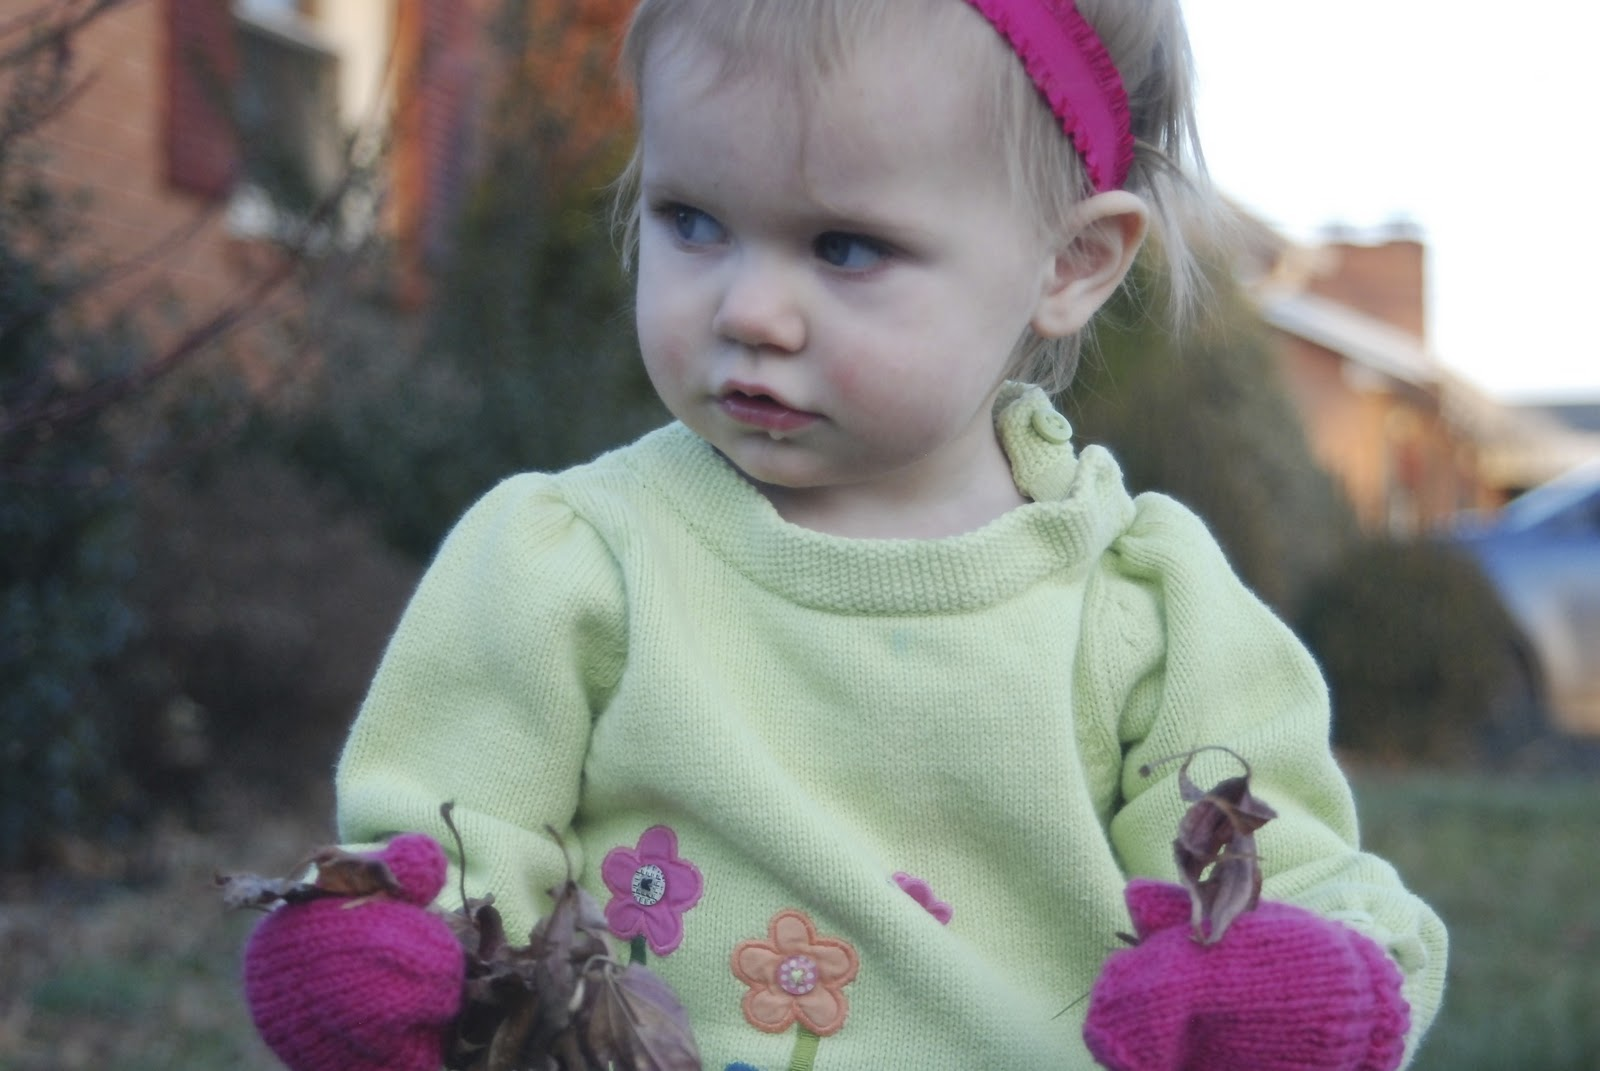 Makin it: Baby Mittens: Knitting pattern